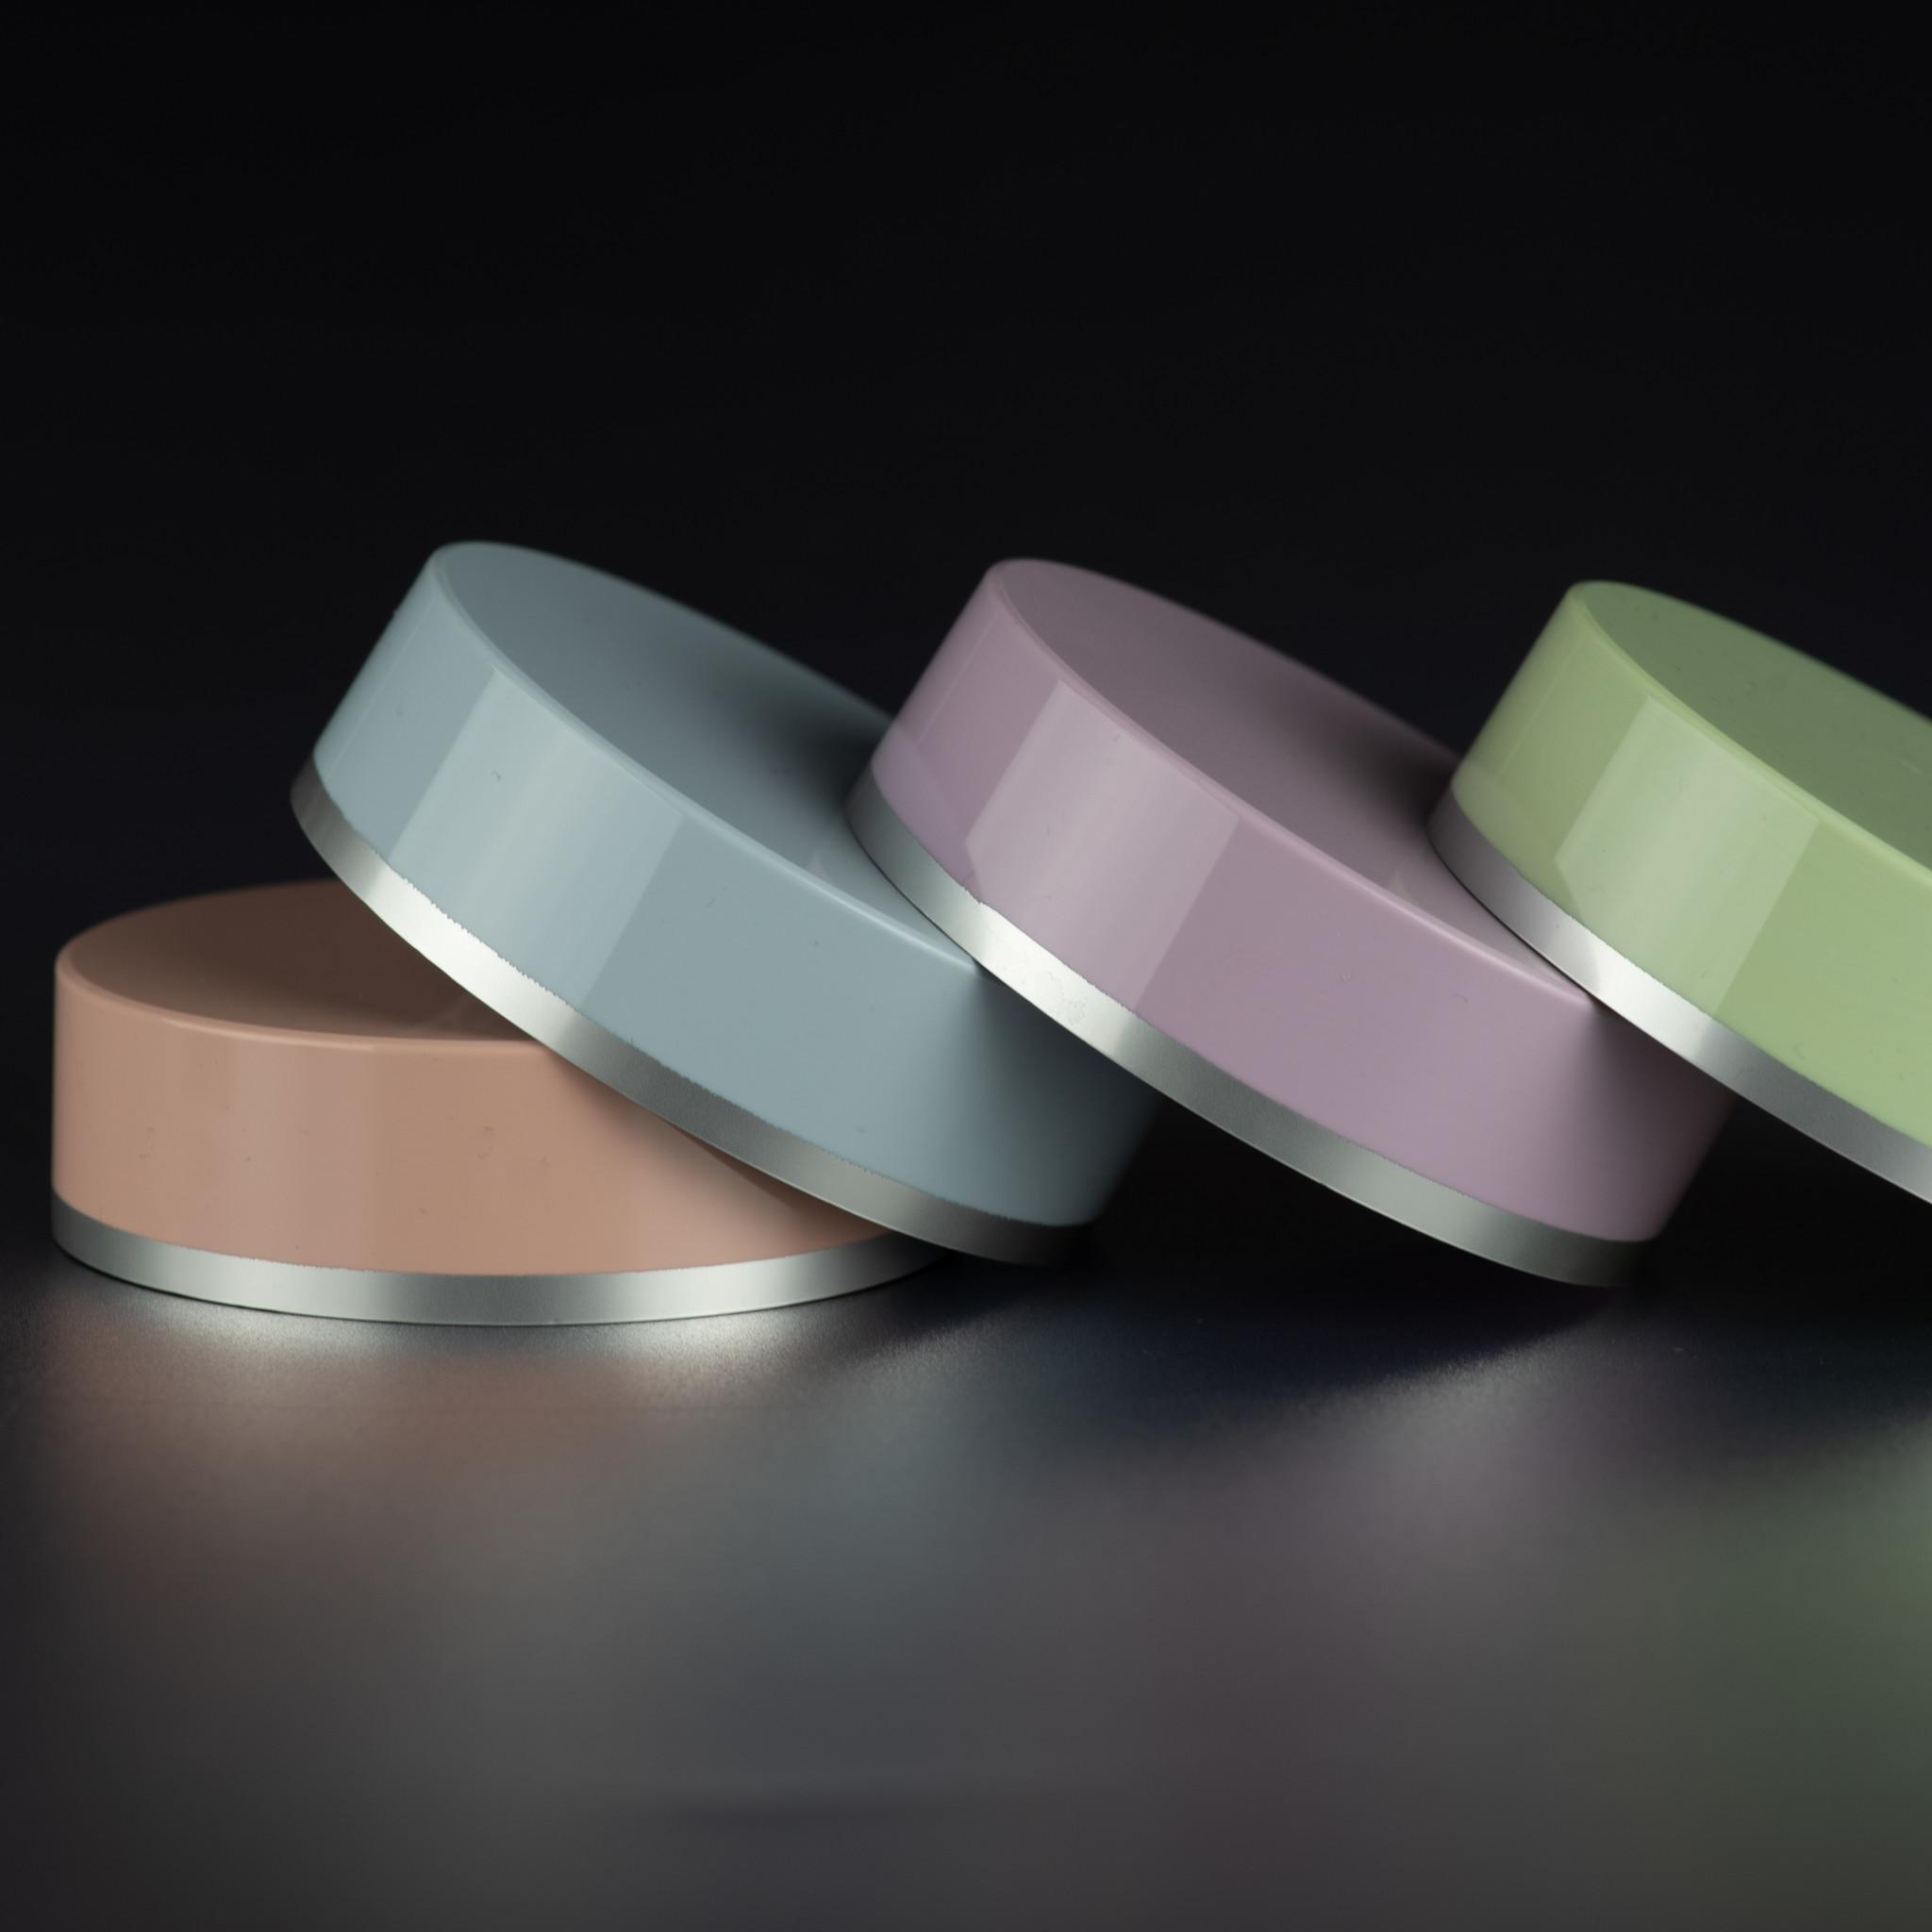 Ingekleurde deksel vervaardigd uit SAN - fabrikant cosmetica verpakking